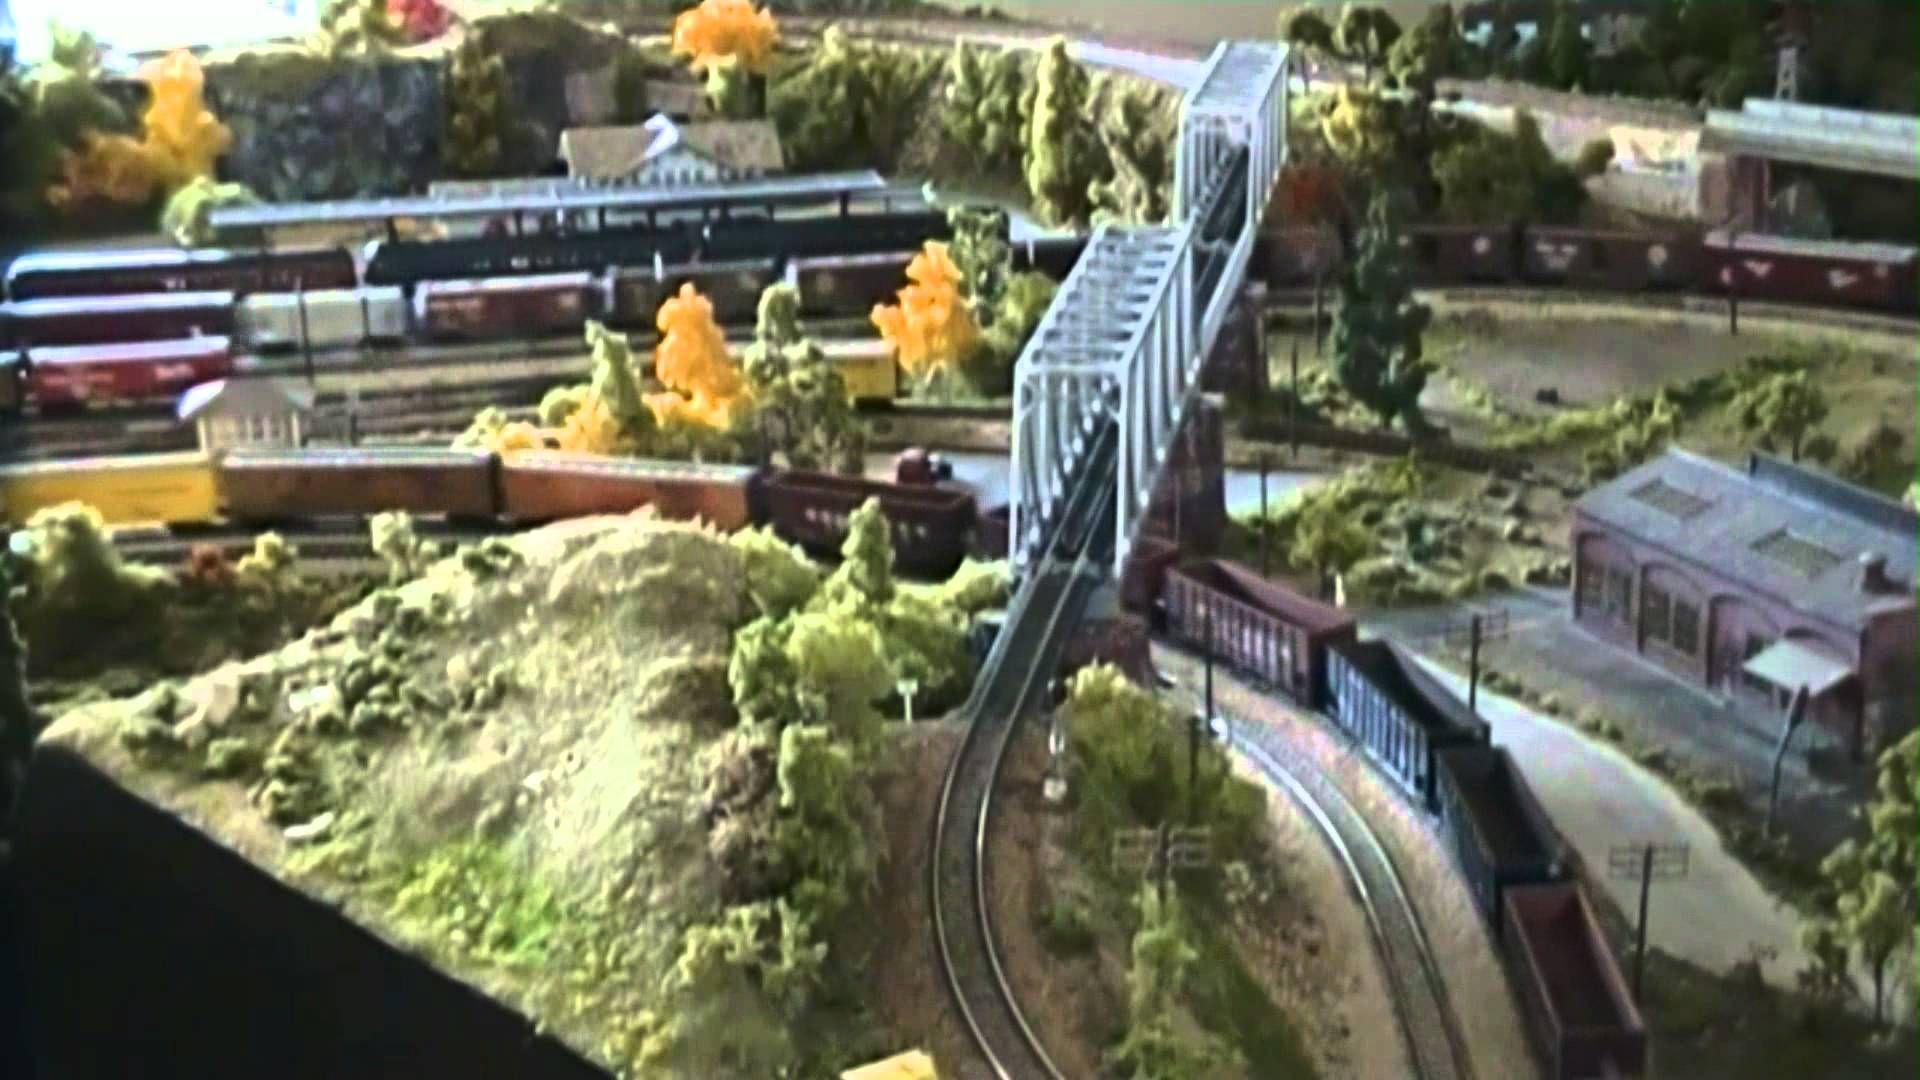 Plant Room Divider N Scale Model Train Layout N Gauge Modelismo Ferroviario